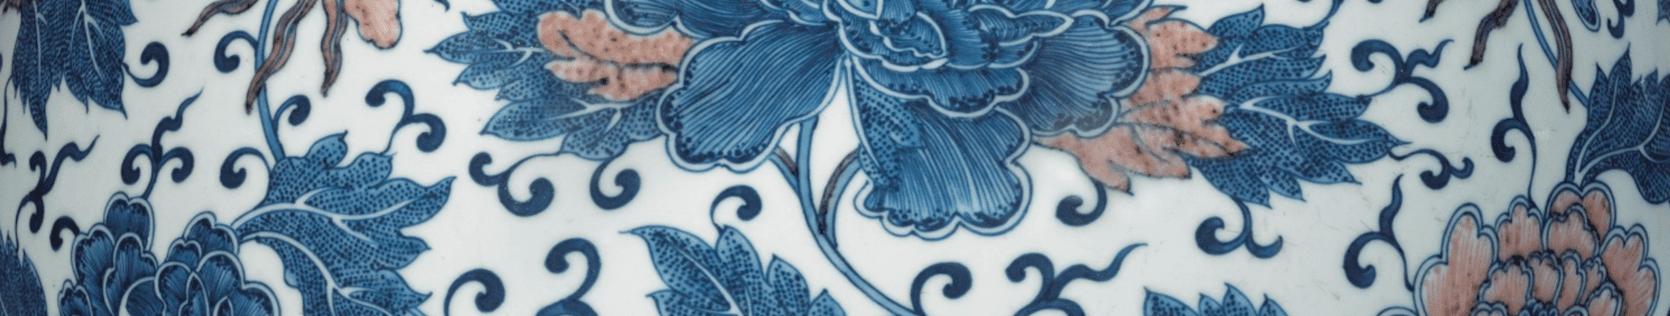 Антикварные фарфоровые вазы